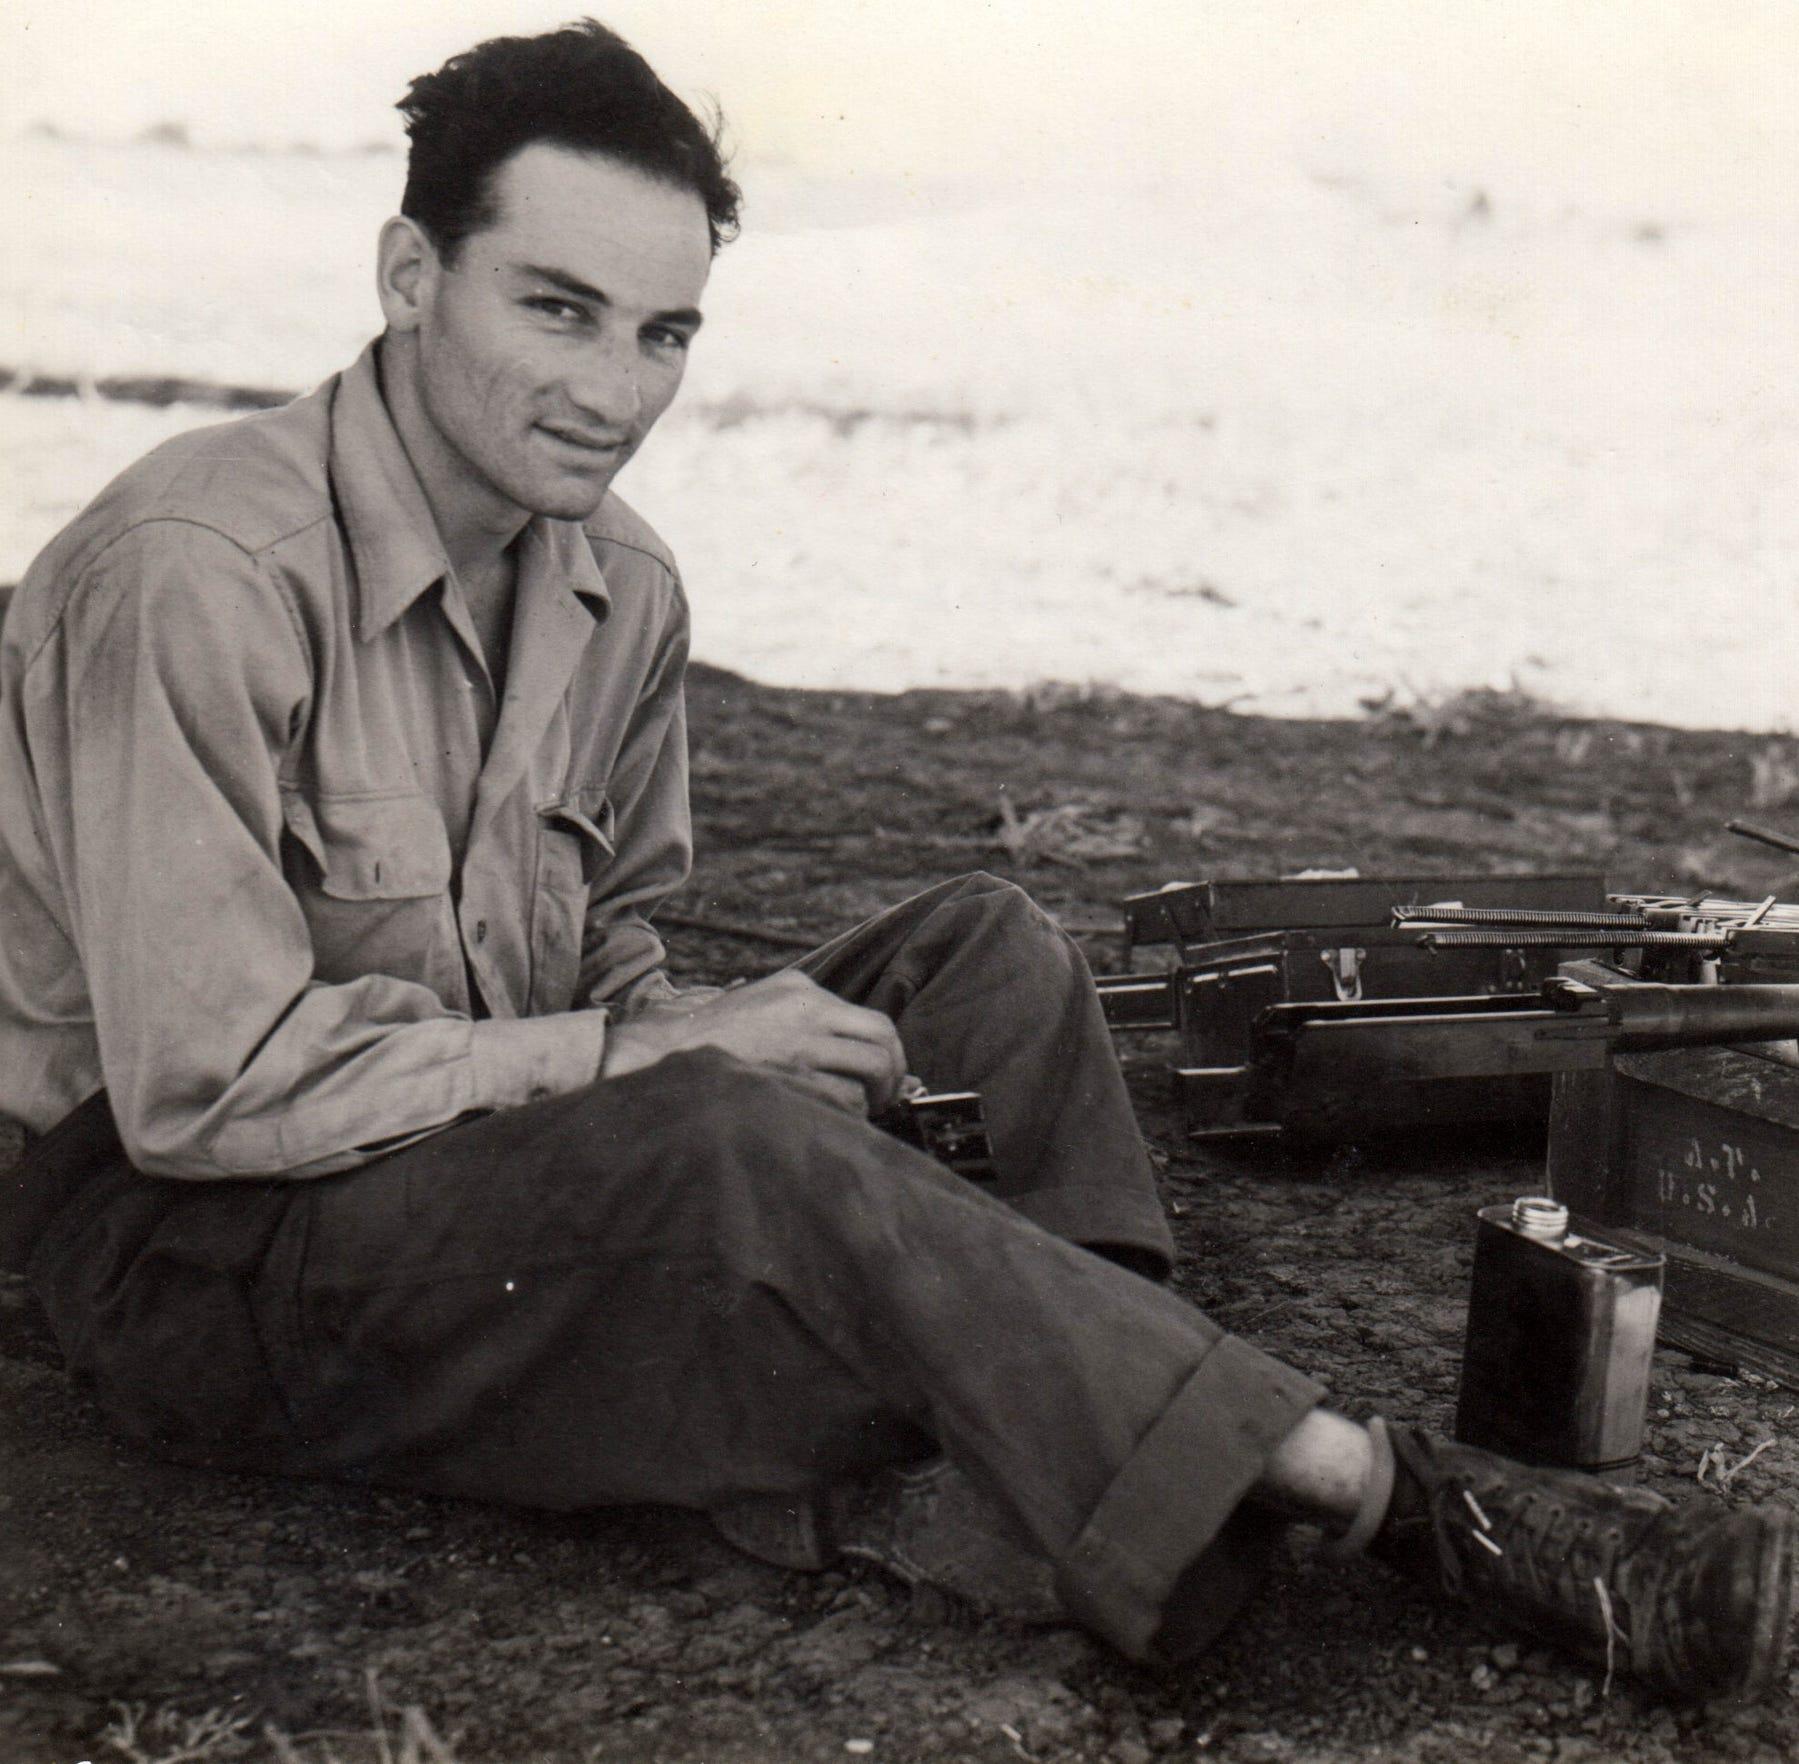 El piloto Joe Campos sirvió para la Fuerza Aérea y el Army durante la Segunda Guerra Mundial.